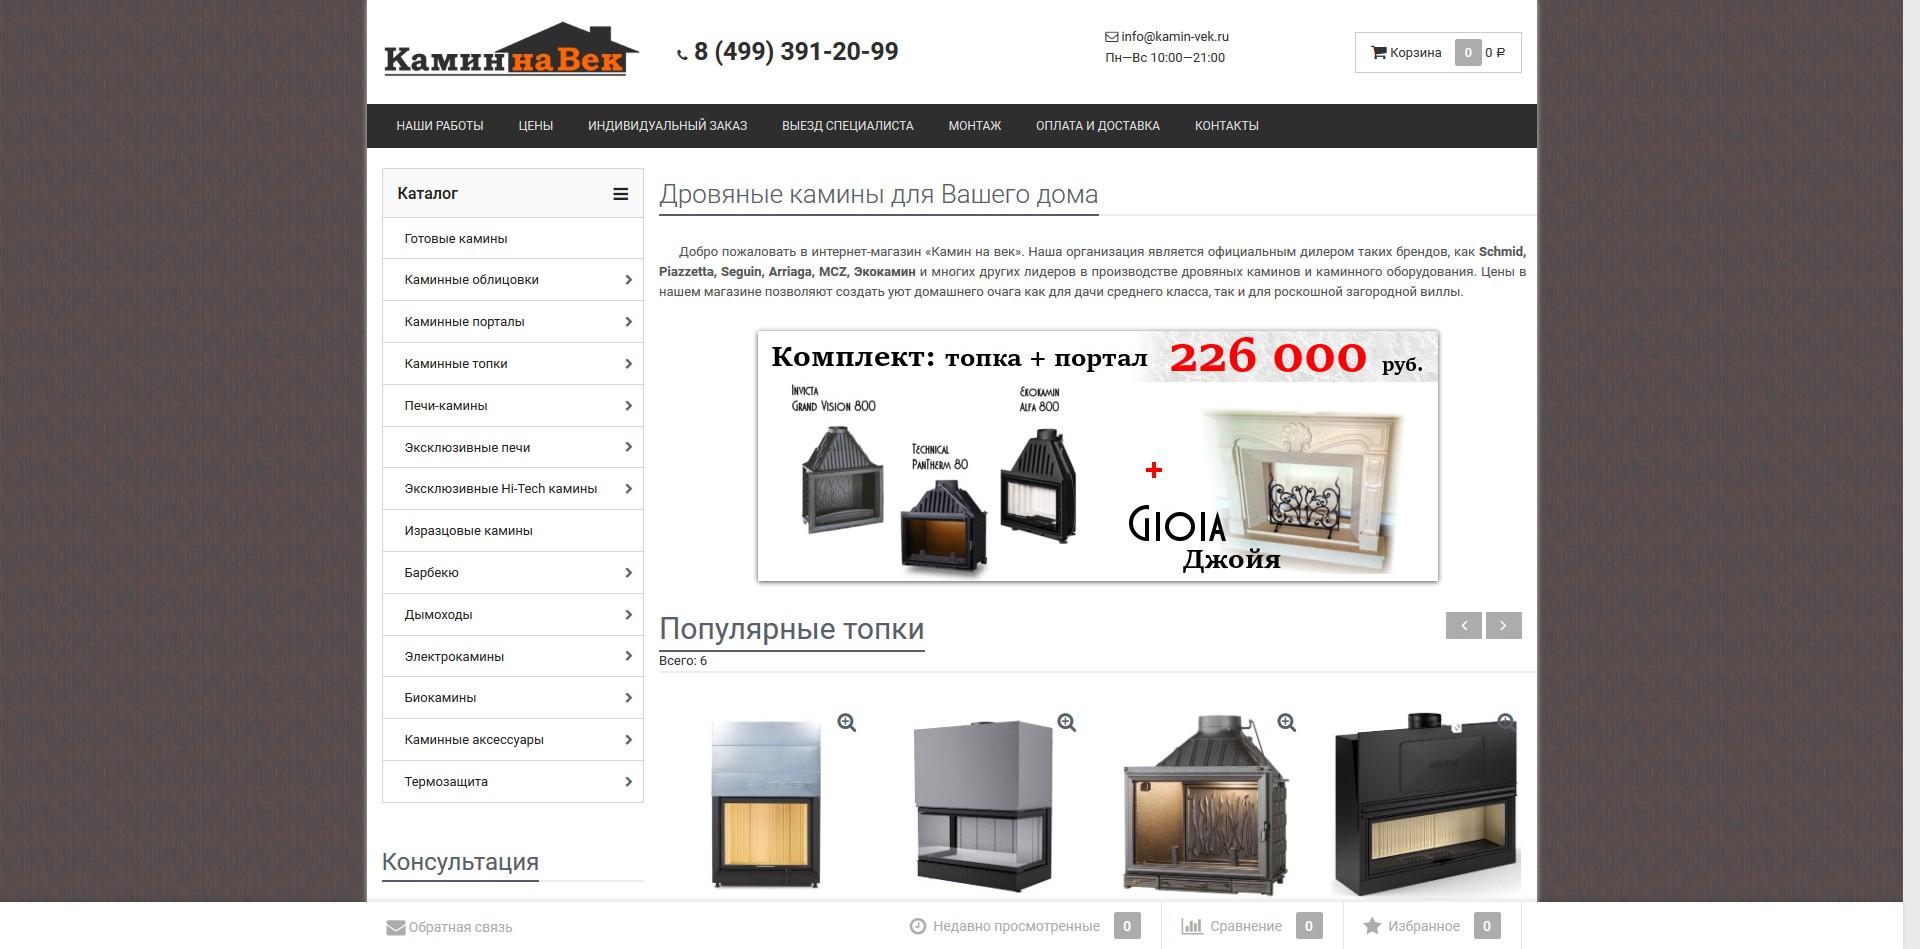 Скриншот: работа по созданию Интернет-магазина kamin-vek.ru